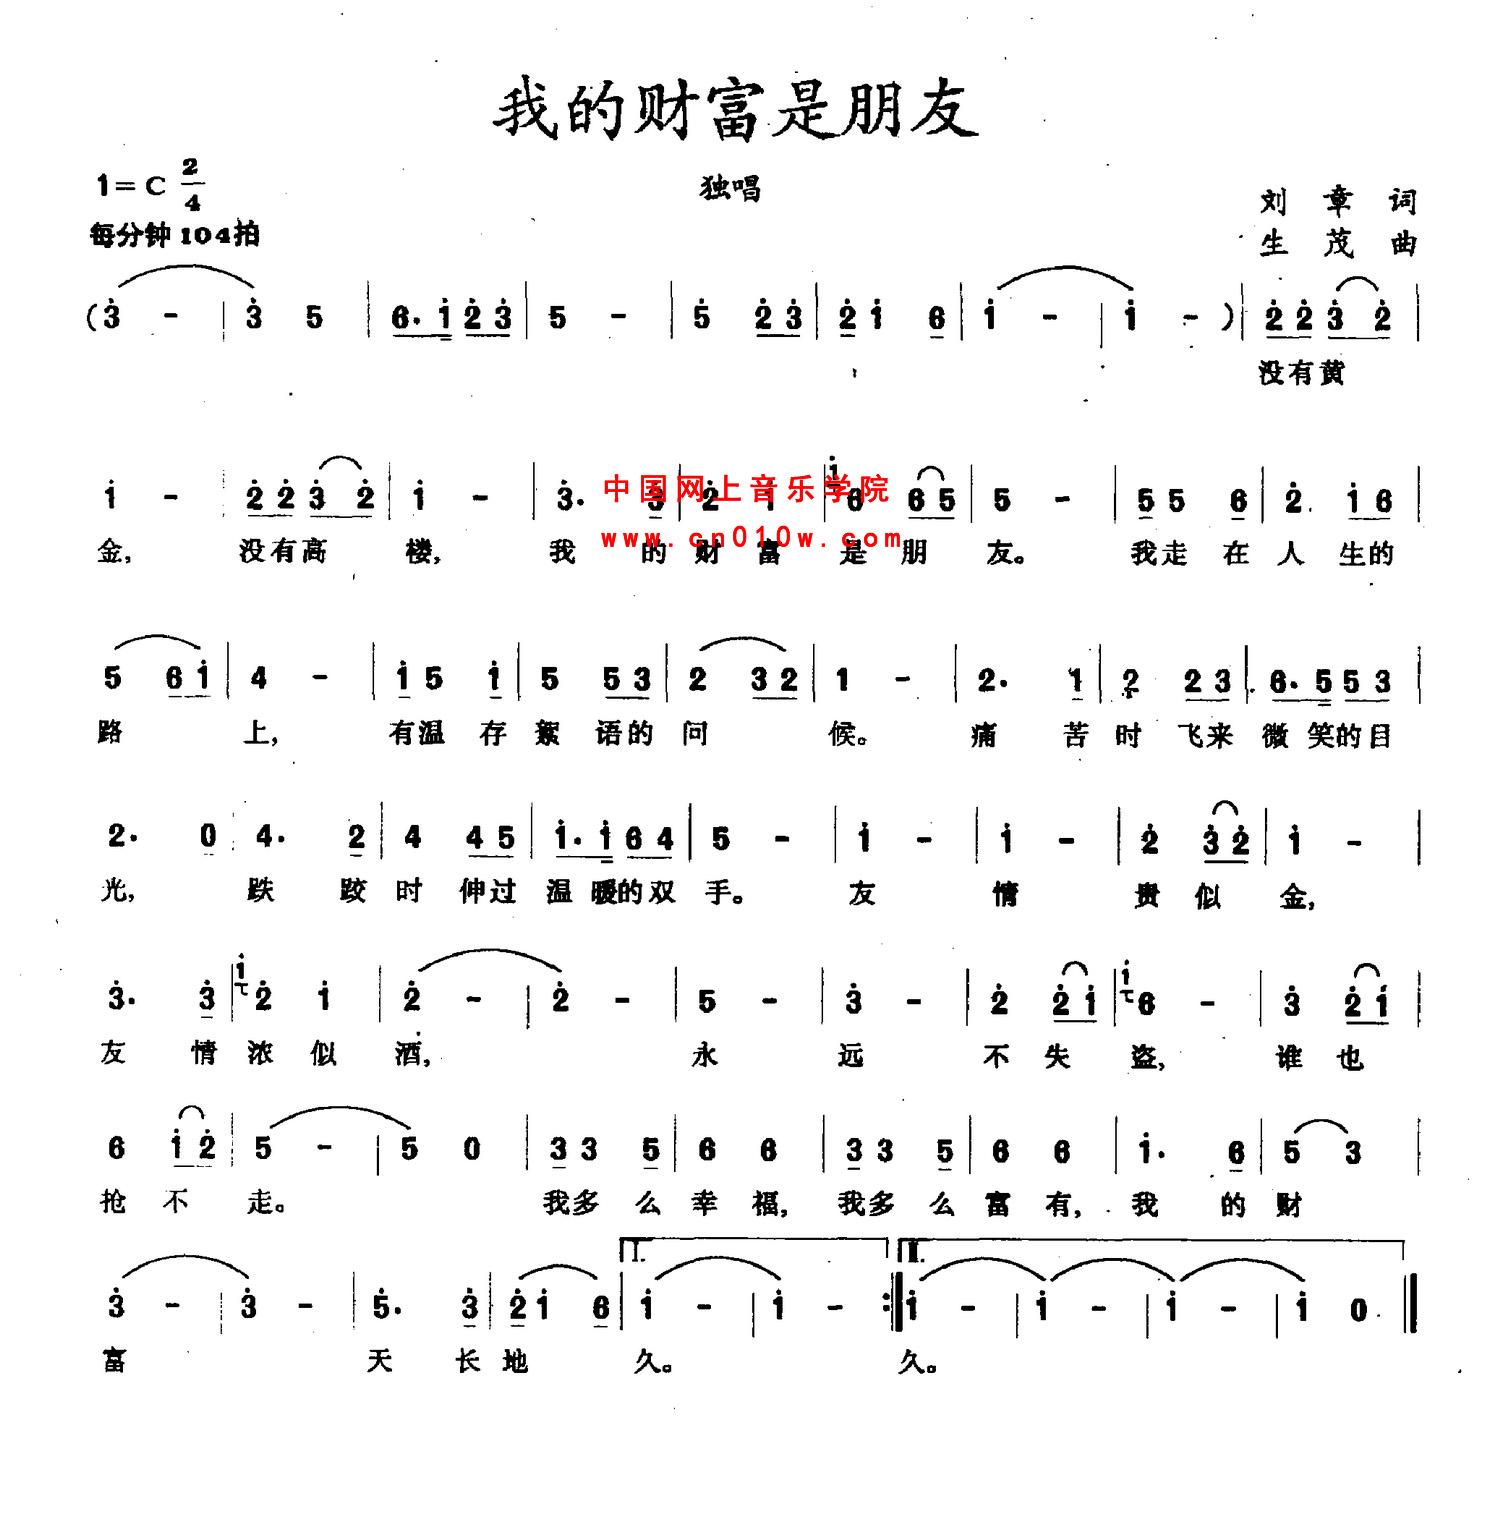 载 简谱下载 五线谱下载 曲谱网 曲谱大全 中国曲谱网